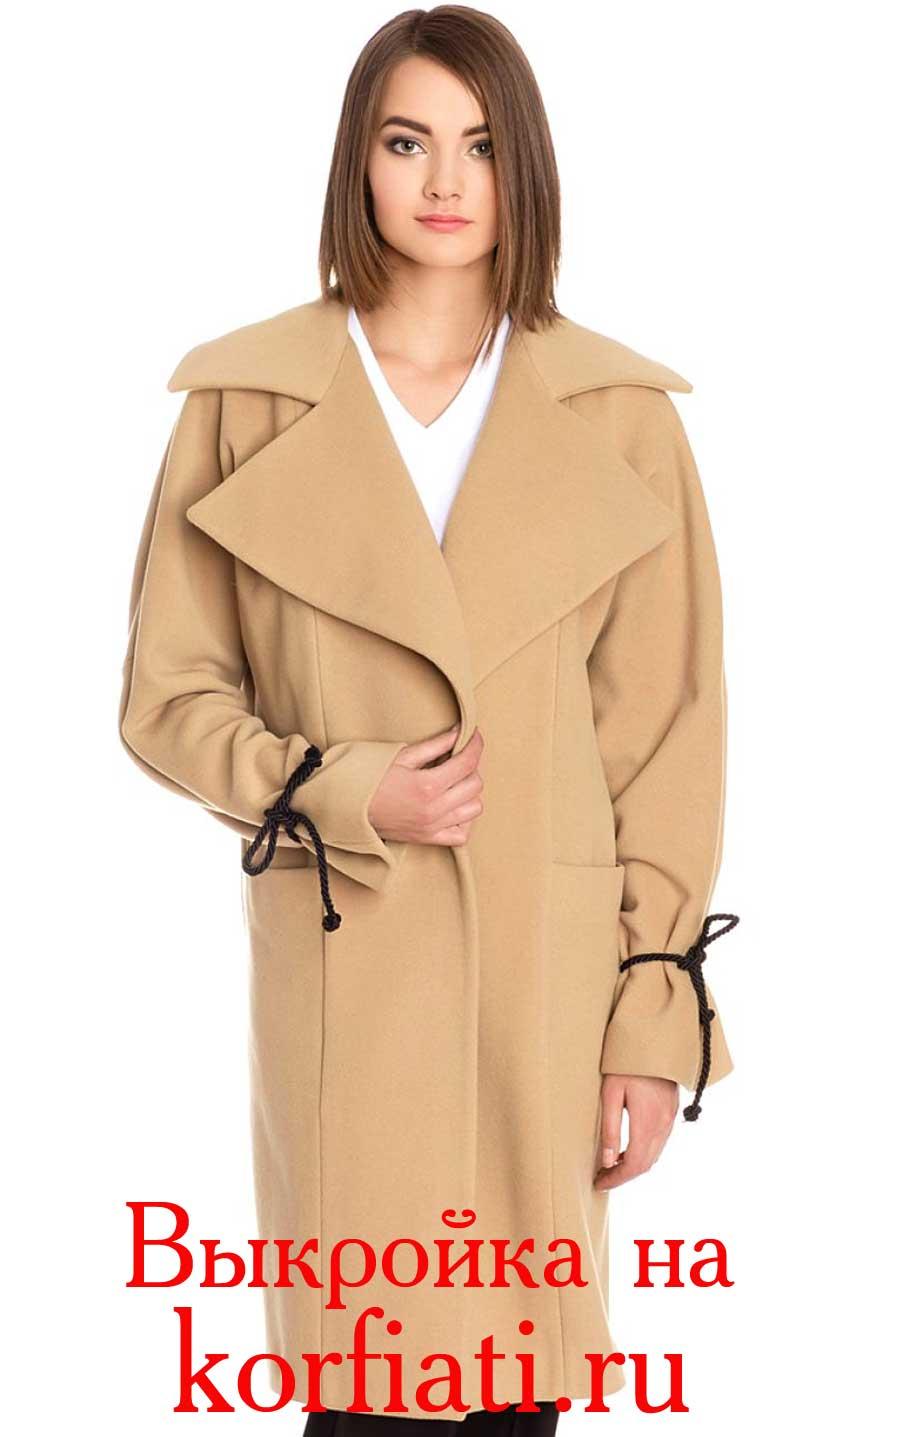 Как сшить пальто своими руками, выкройка (зимнее, осеннее)